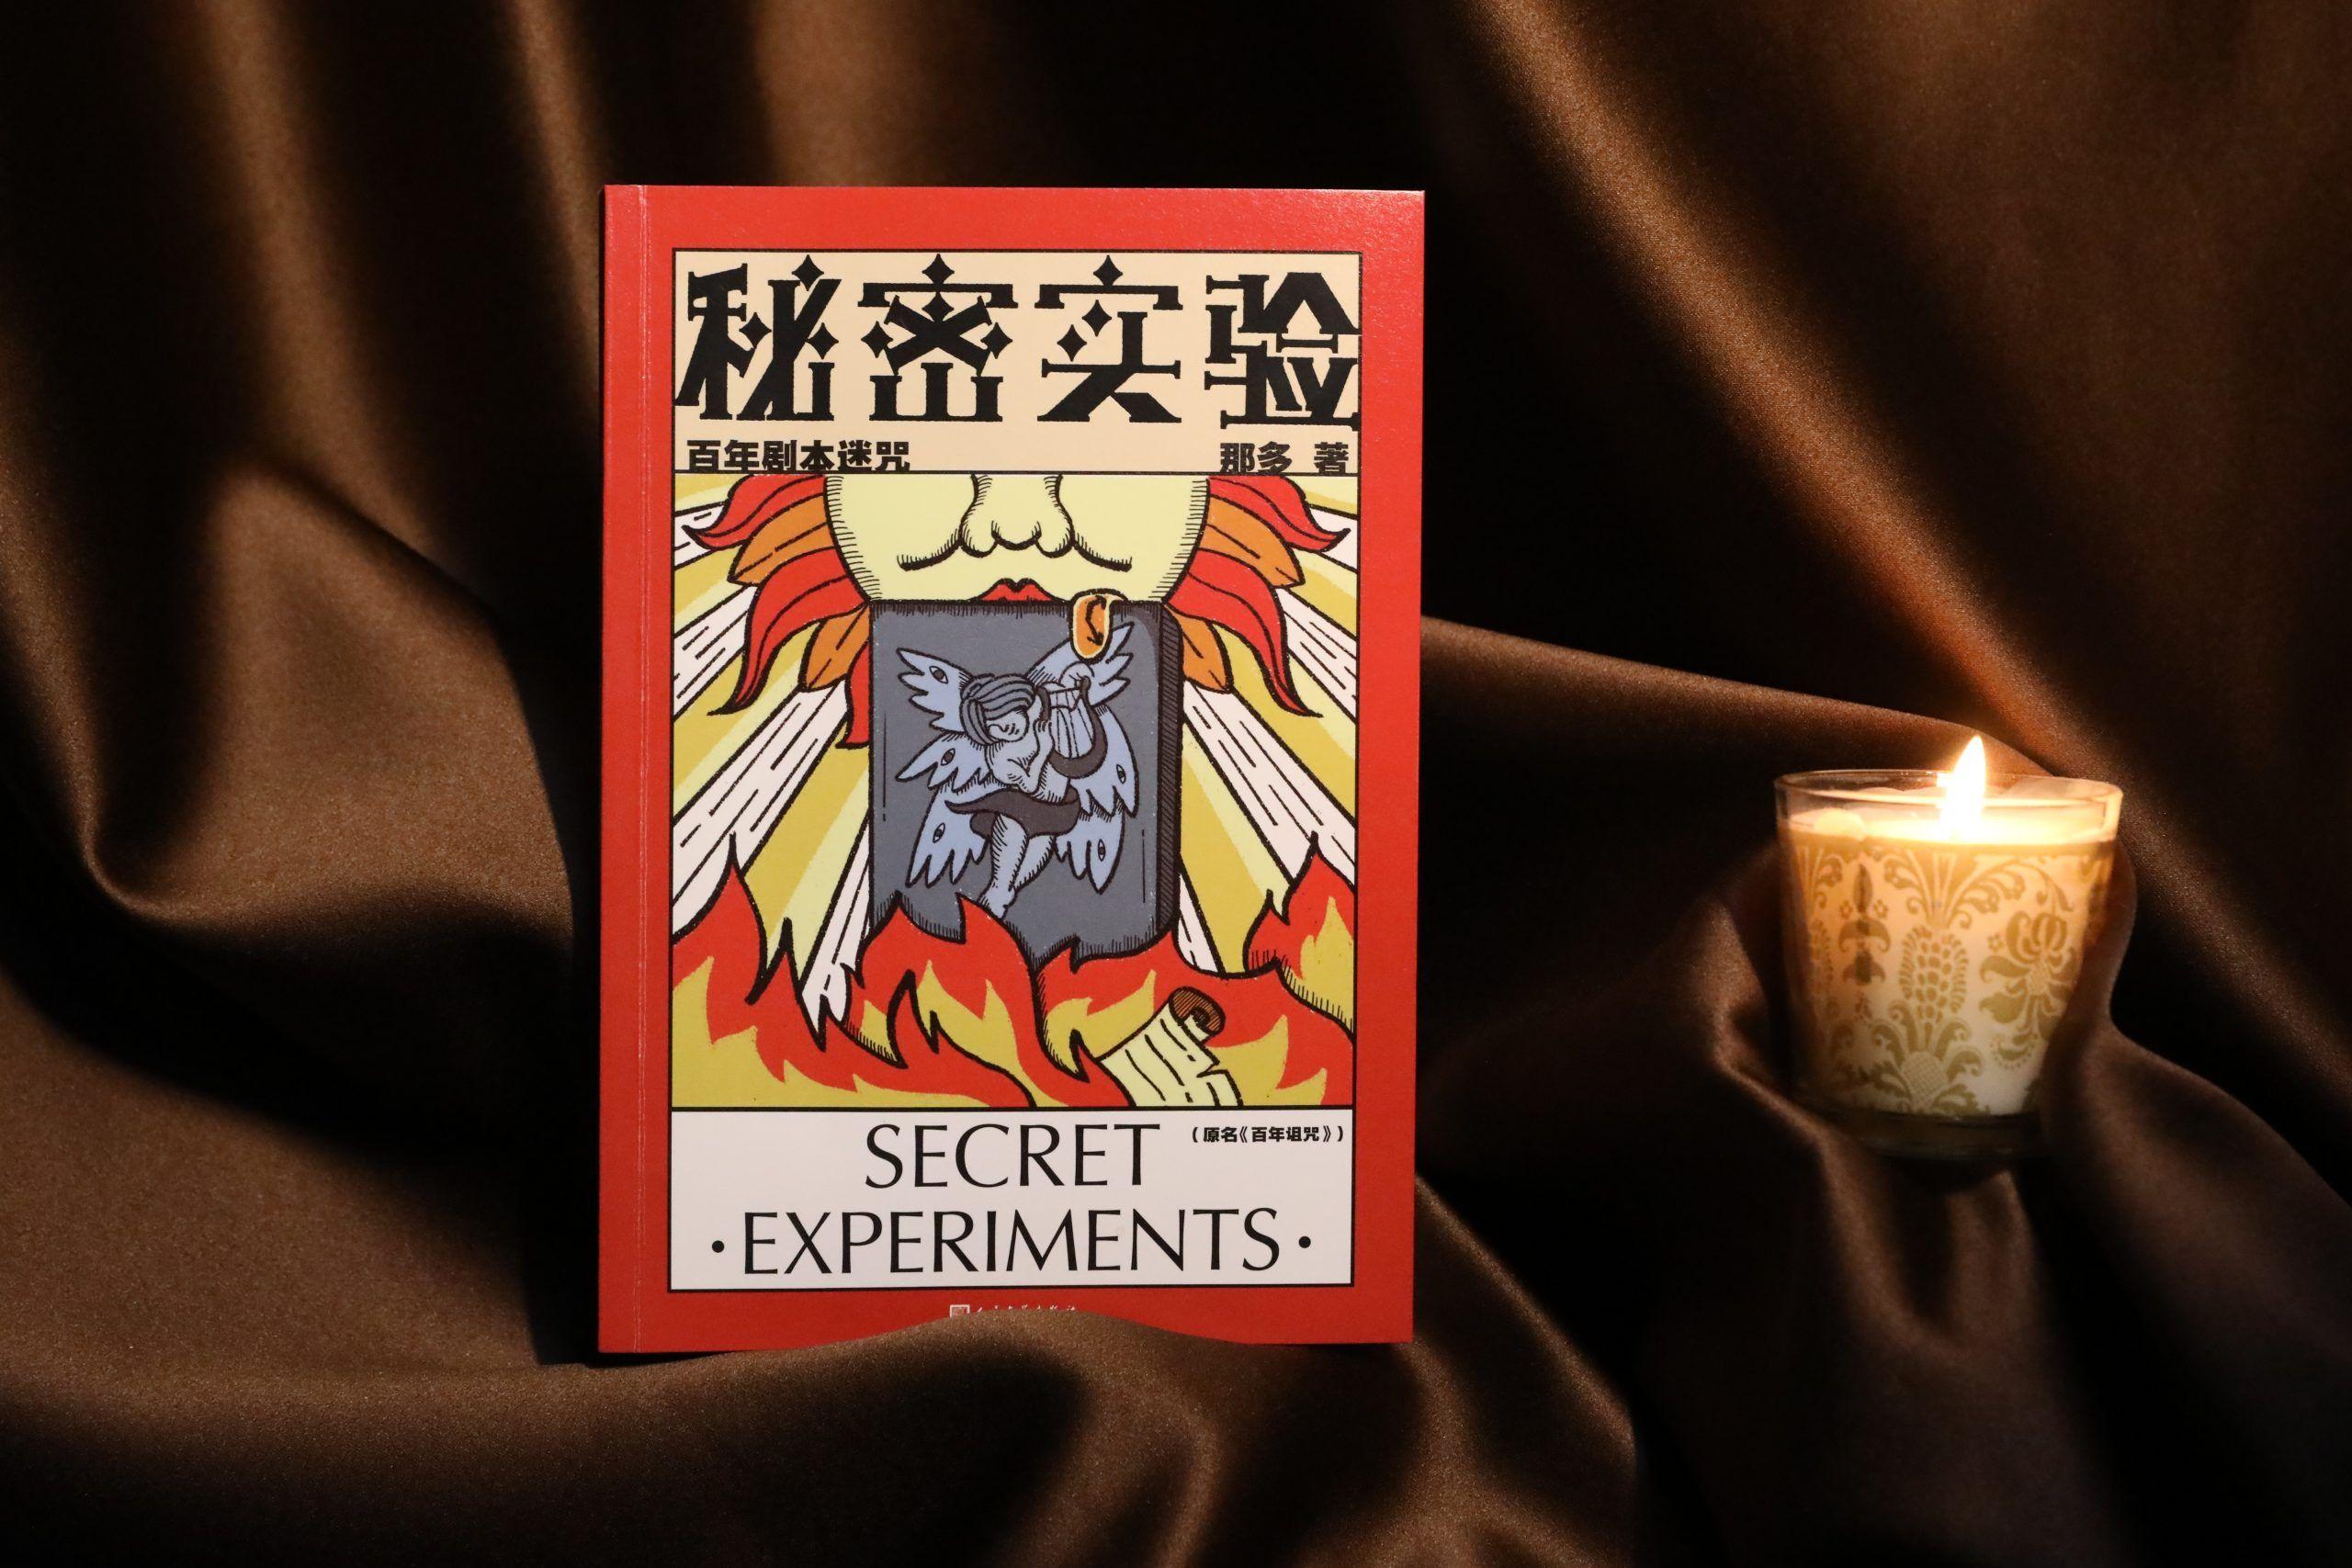 那多悬疑力作《秘密实验》由人文社隆重推出,融合历史悬疑艺术惊悚等元素的精品小说